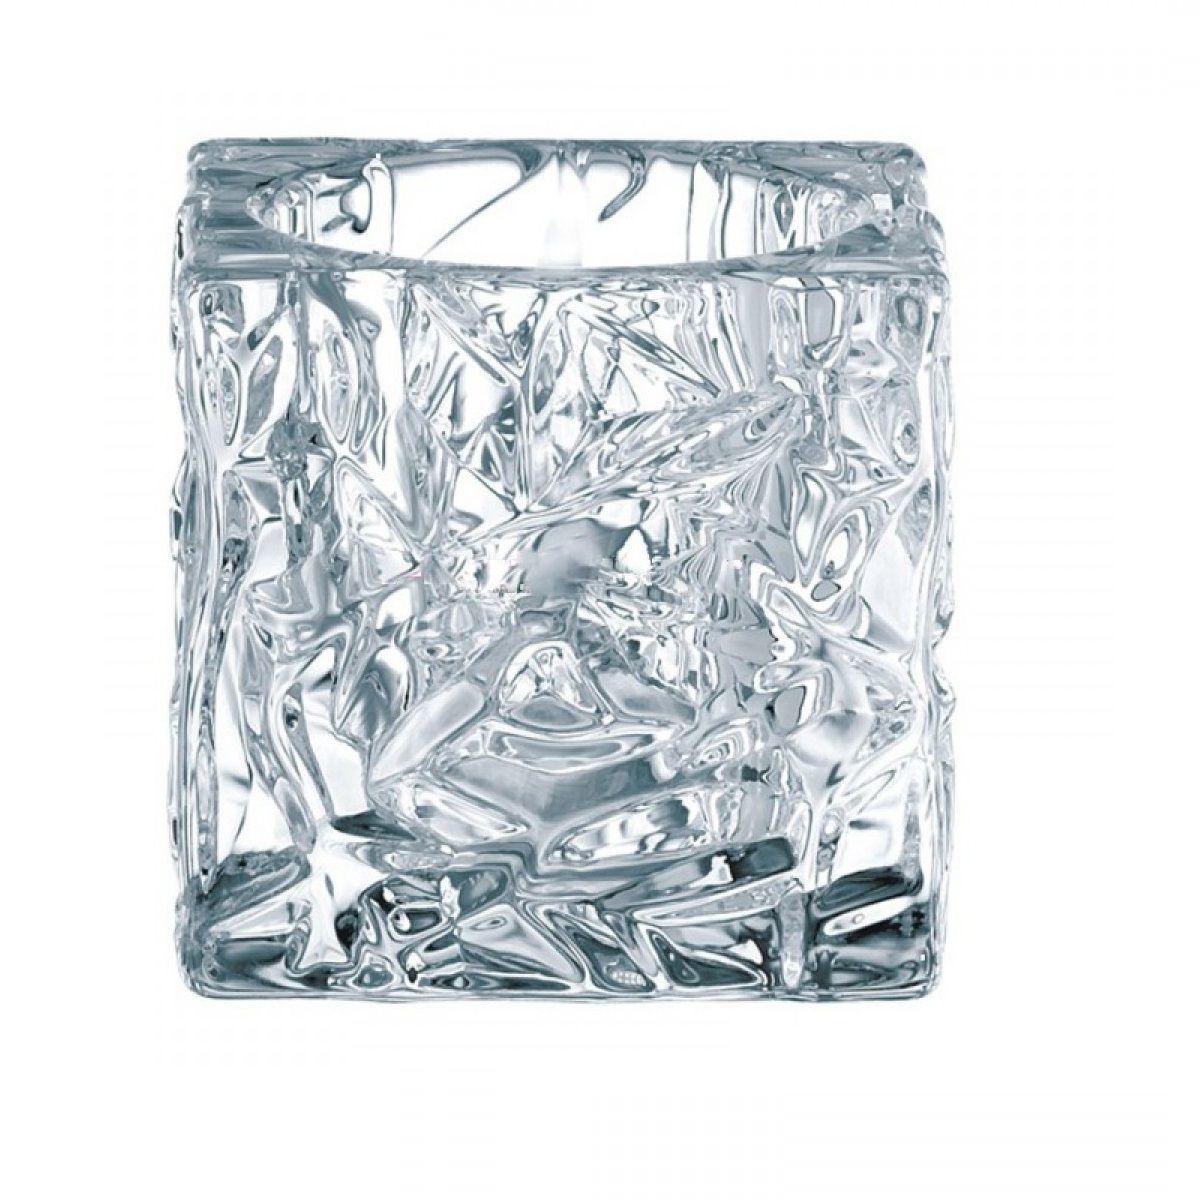 Подсвечник Nachtmann обзор Ice cube